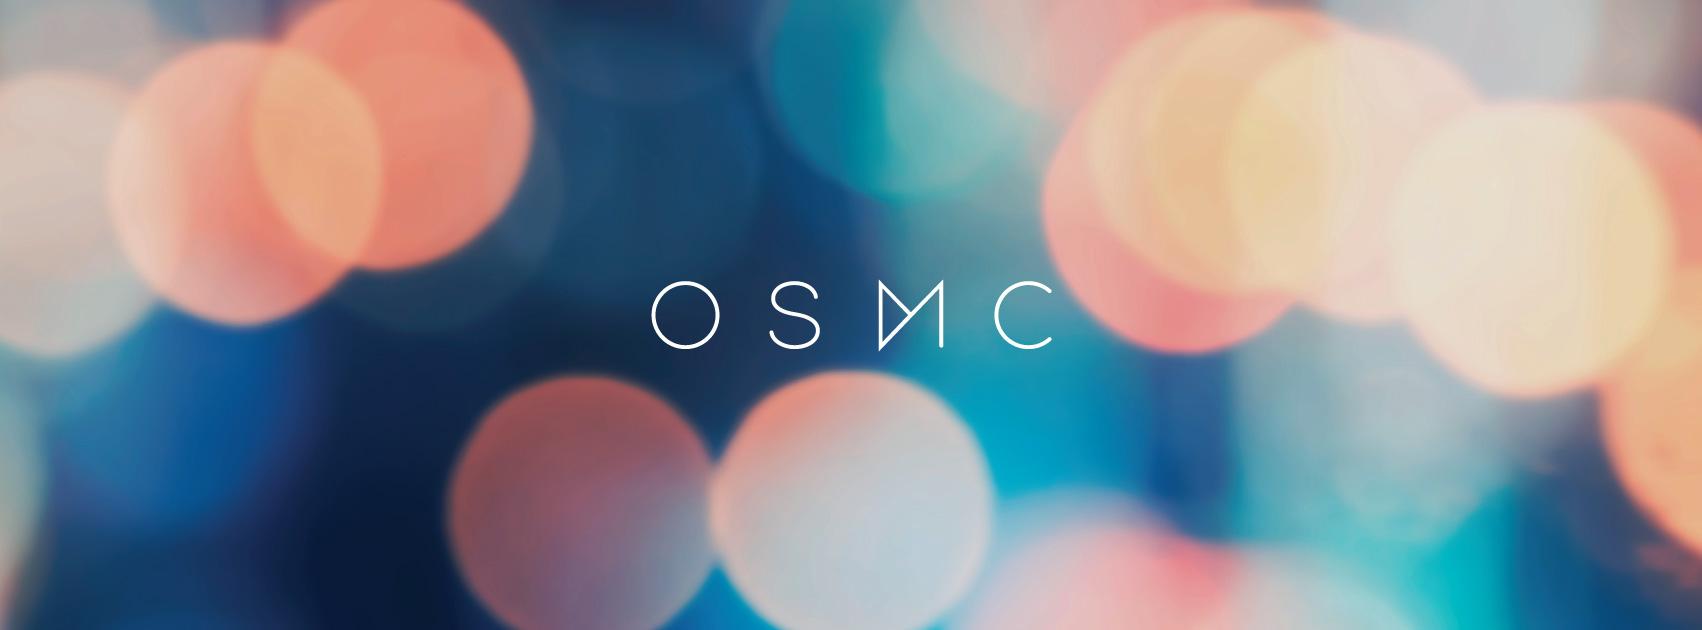 Nom : OSMC_FB_Banner.jpg Affichages : 4797 Taille : 121,5 Ko